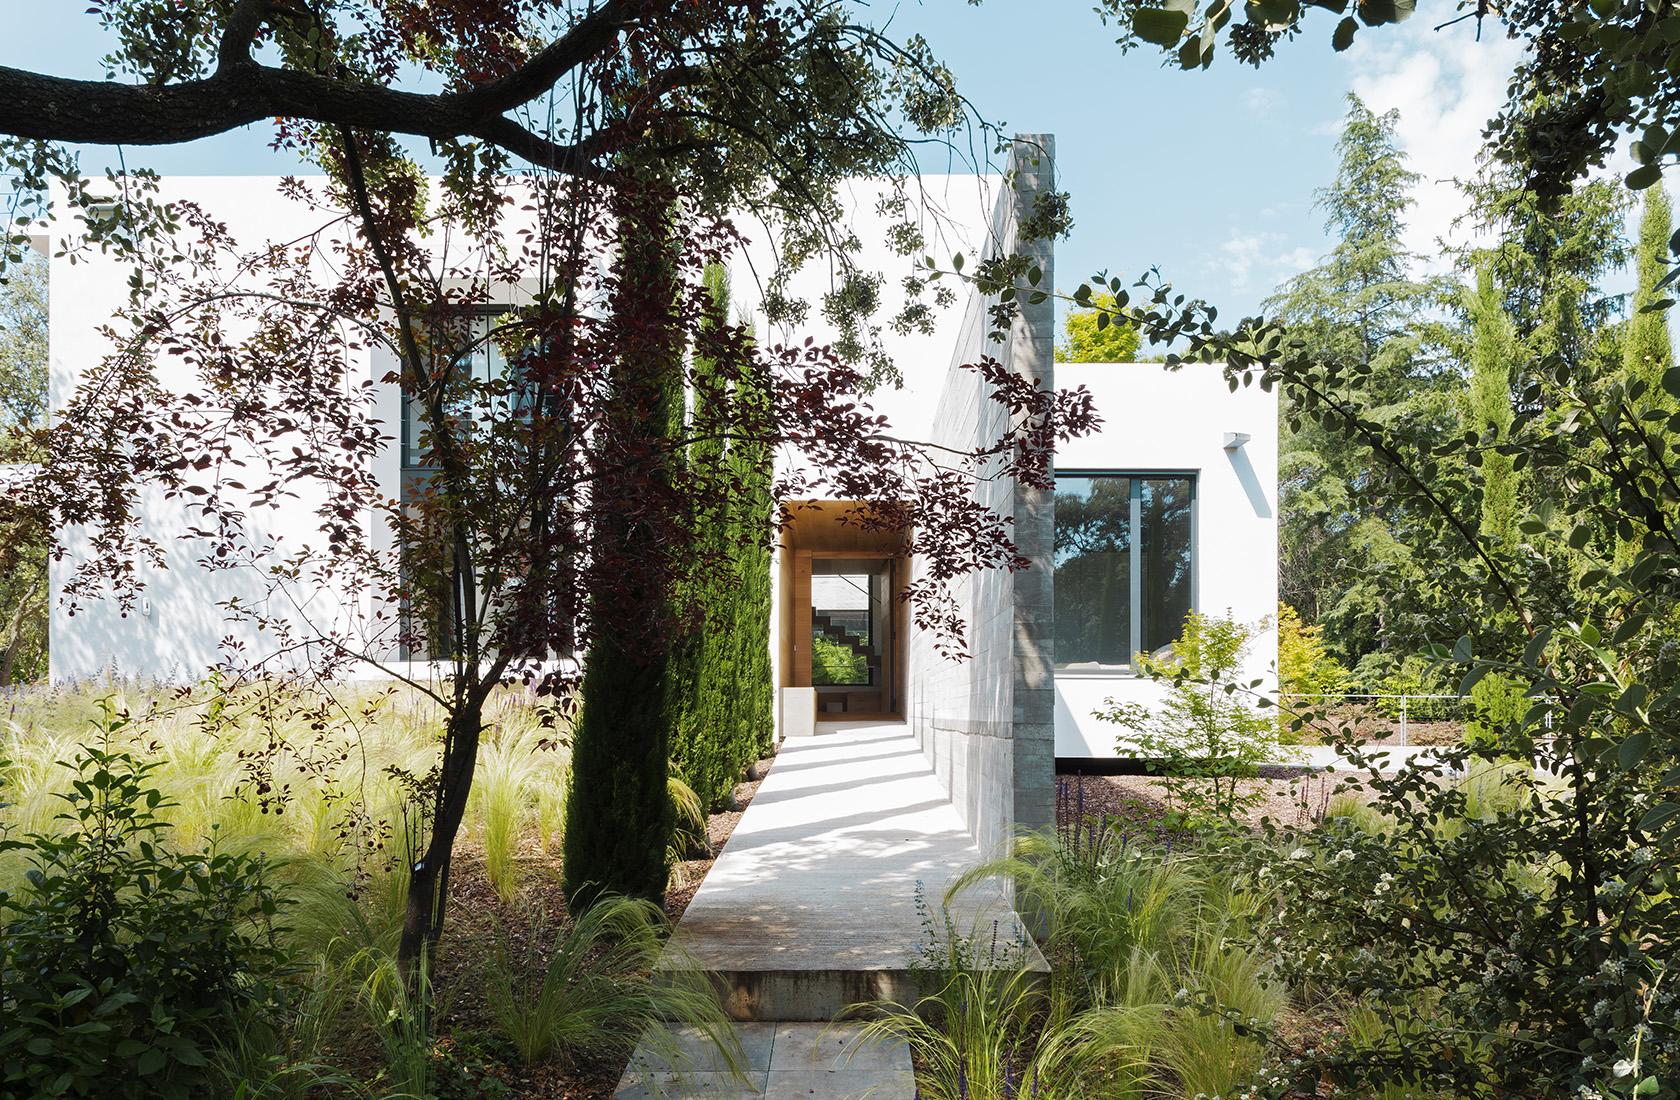 Acceso con vegetación a Casa CH, vivienda construida en madera